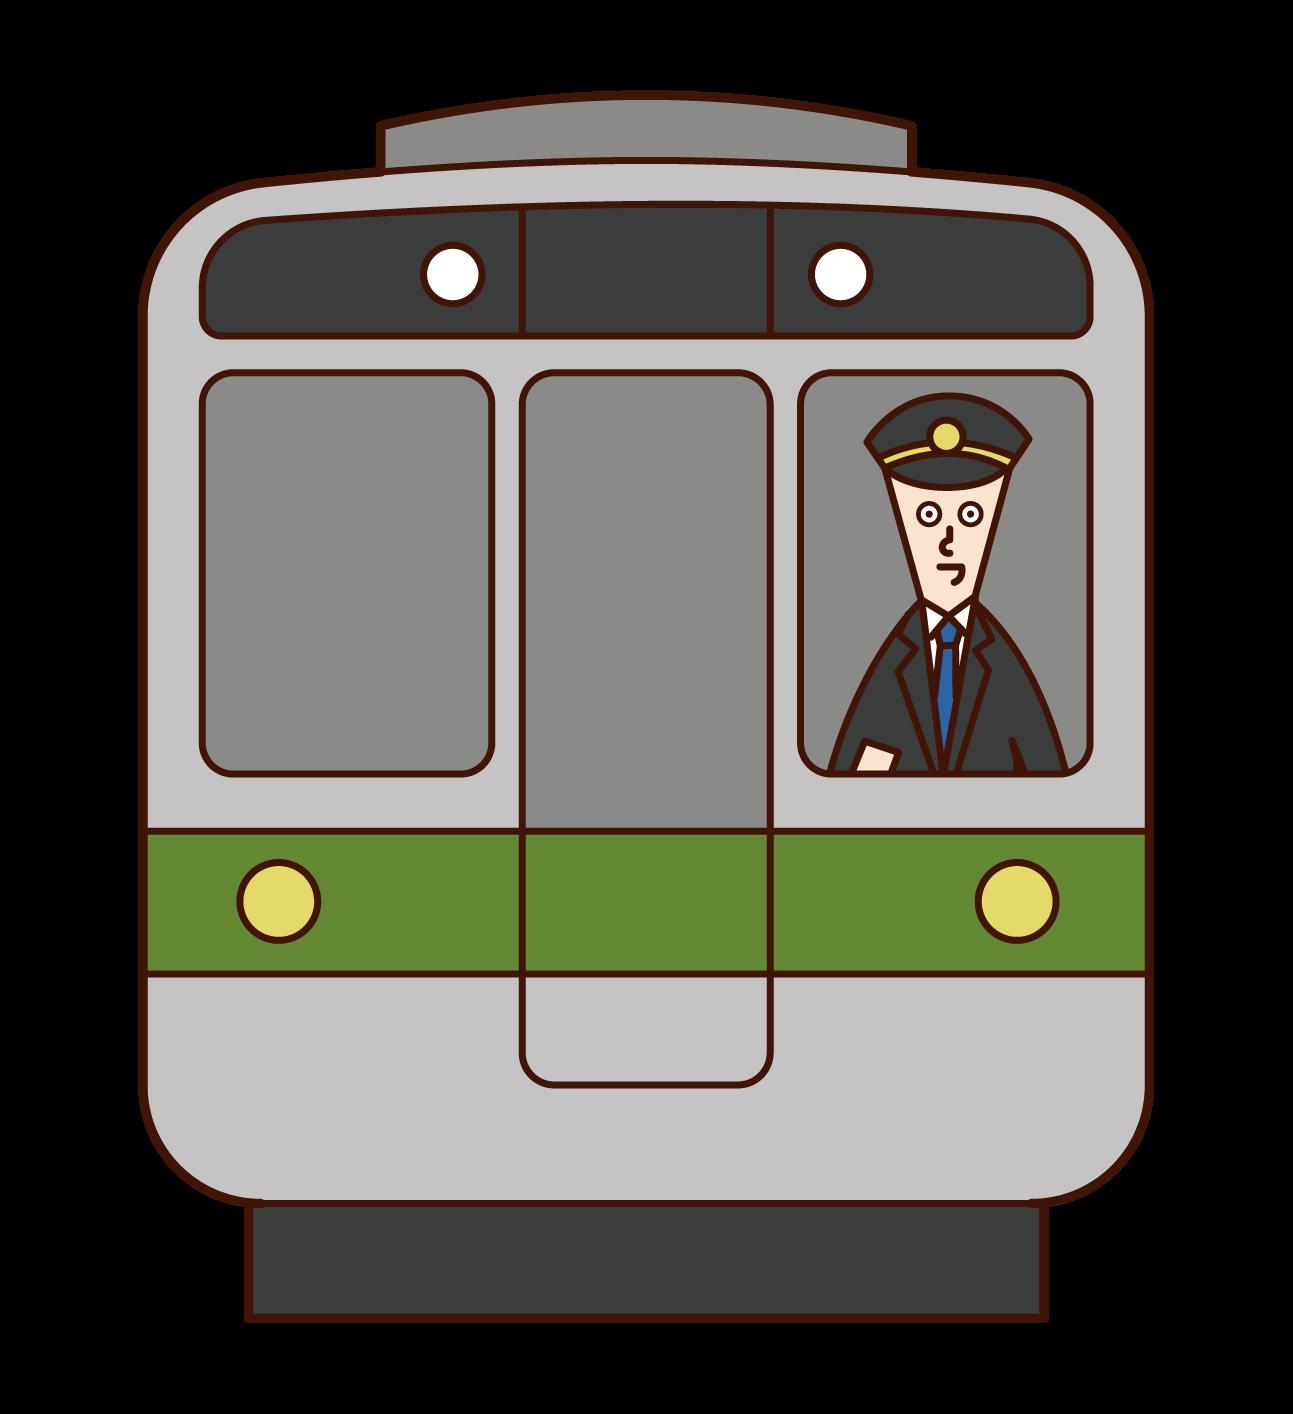 電車の運転士(男性)のイラスト